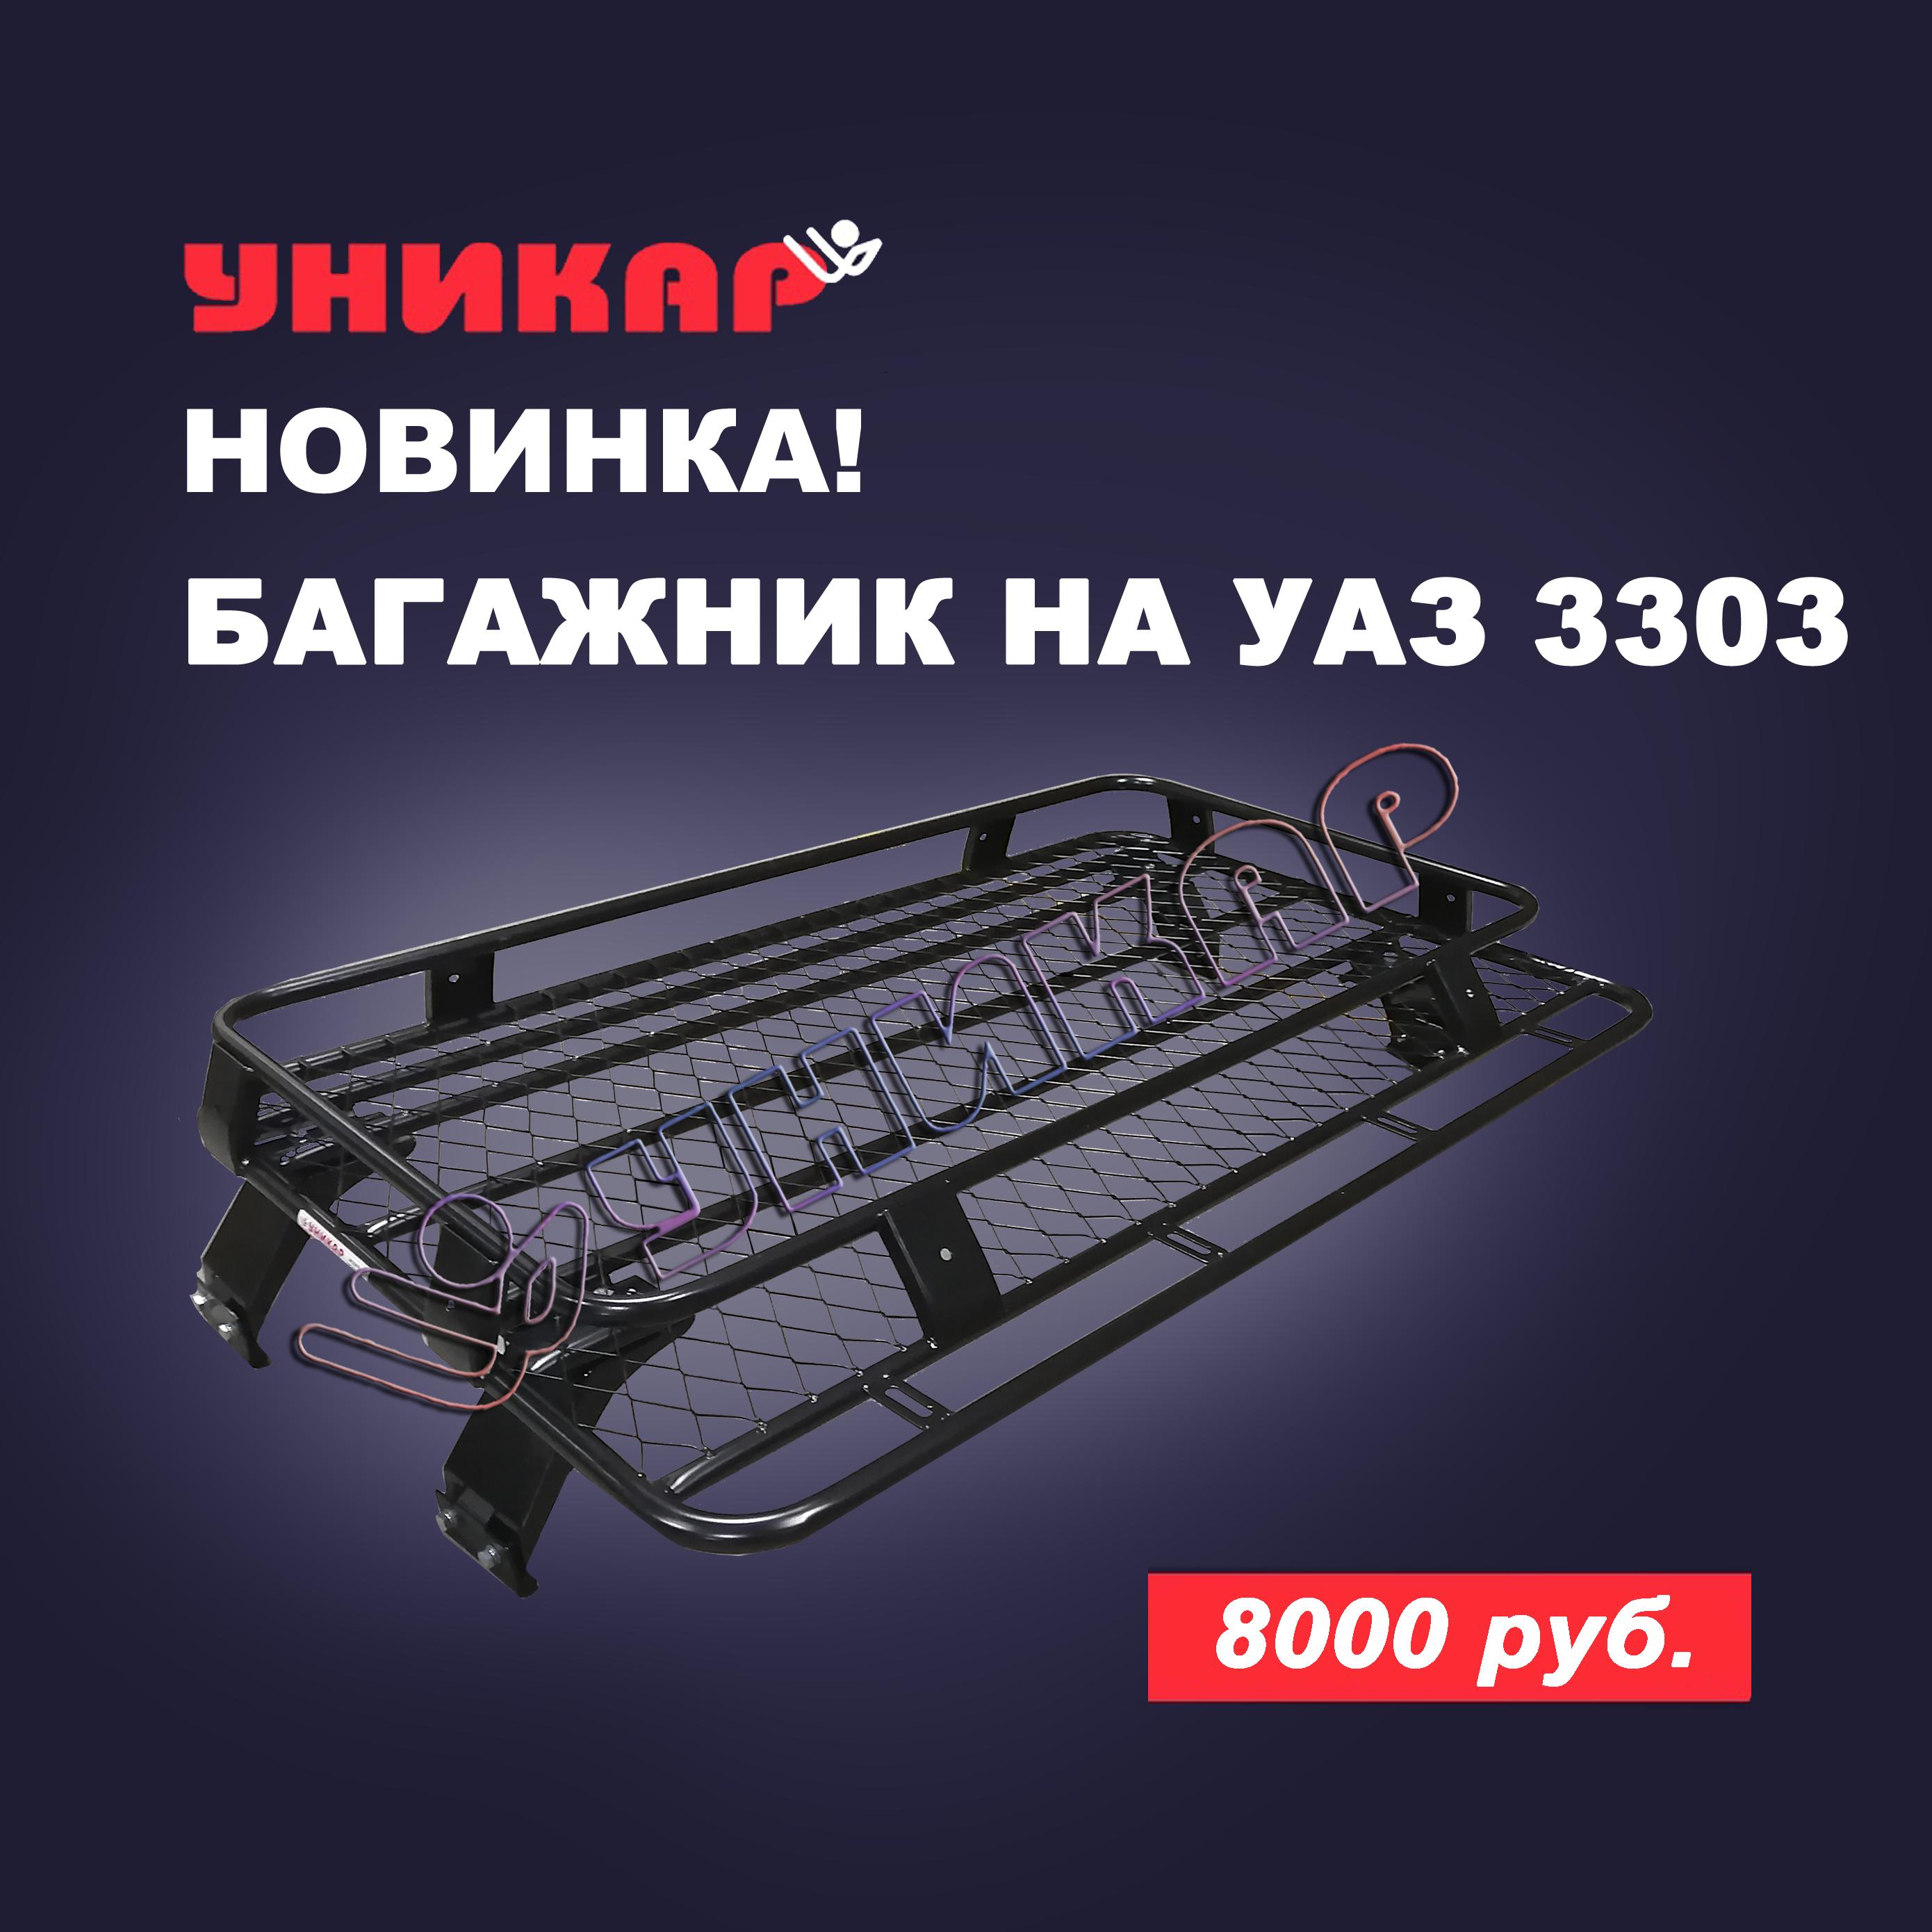 Новинка! Багажник на УАЗ 3303!